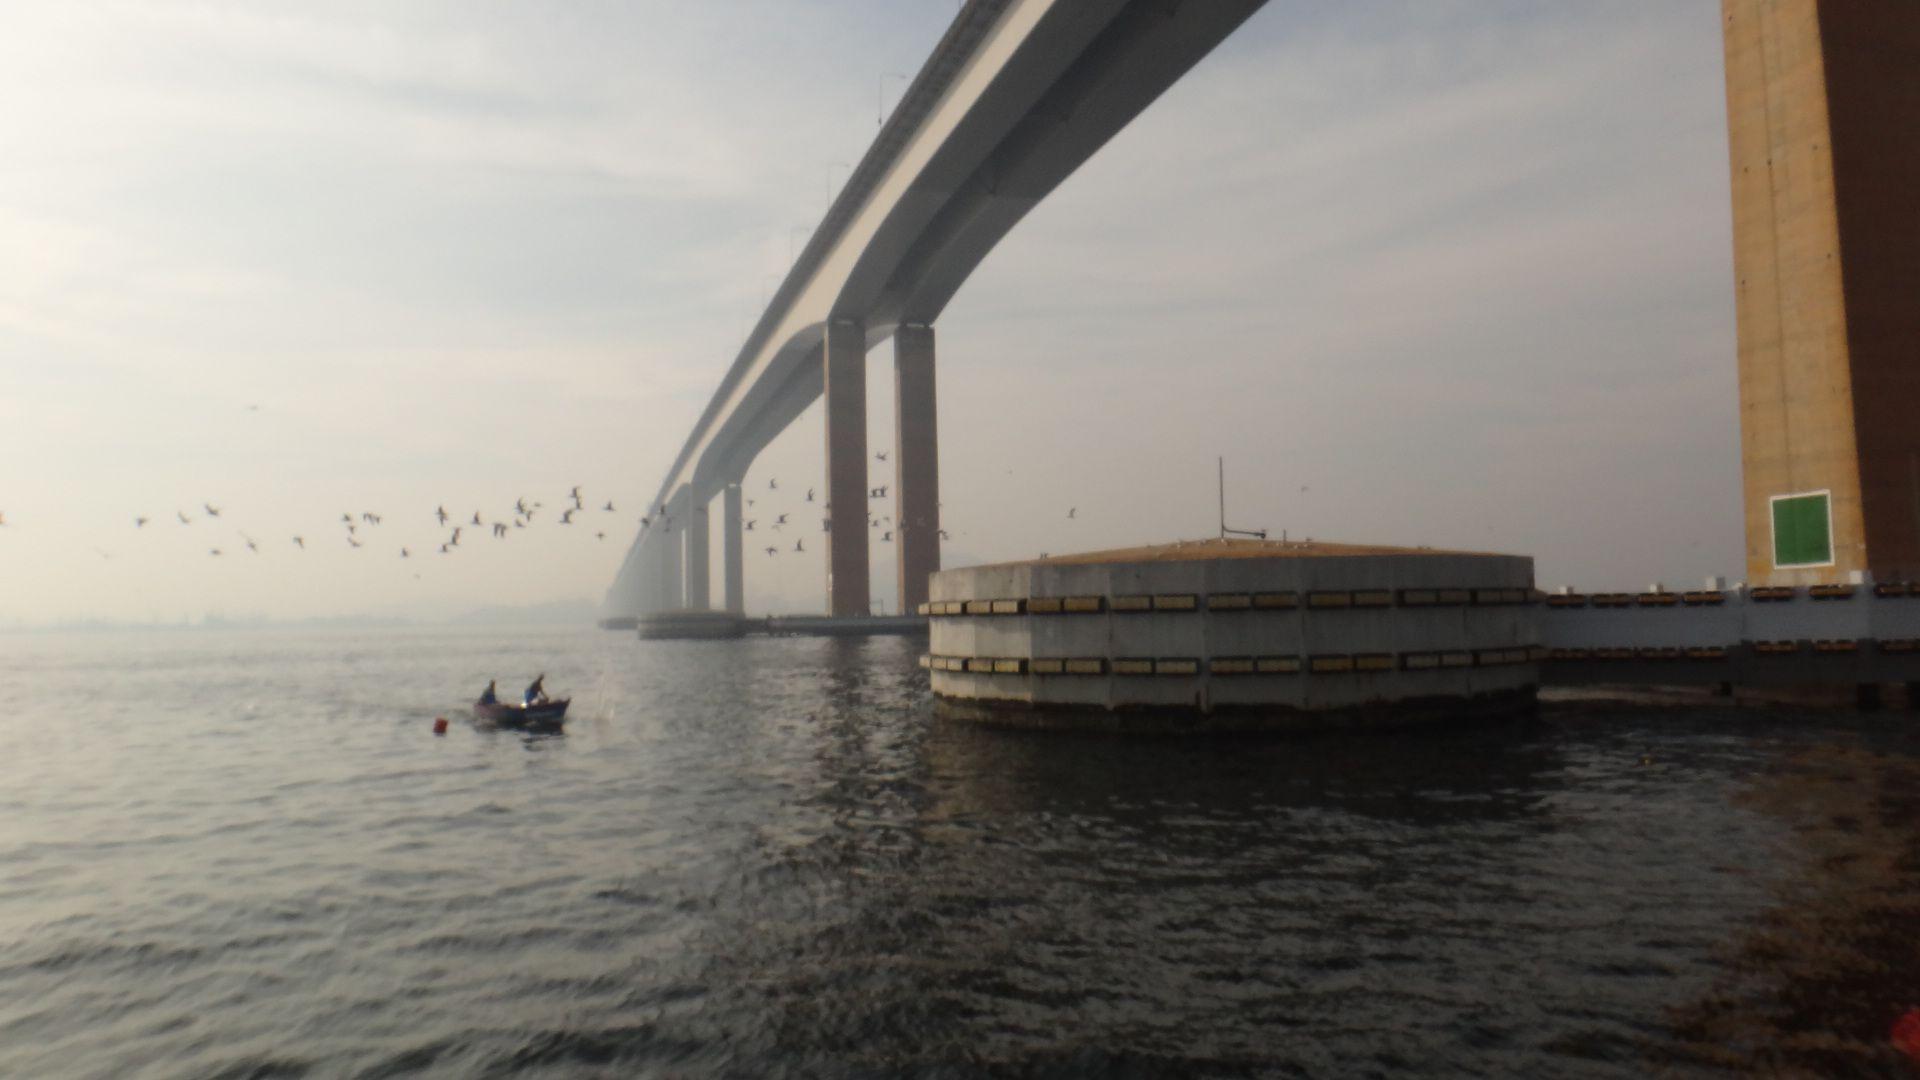 Pilares da Ponte Rio-Niterói. Maio 2014. Foto de Carolina Belo. #baiadeguanabara #riodejaneiro #errejota #labhidro #ufrj #ponte #ponterioniteroi